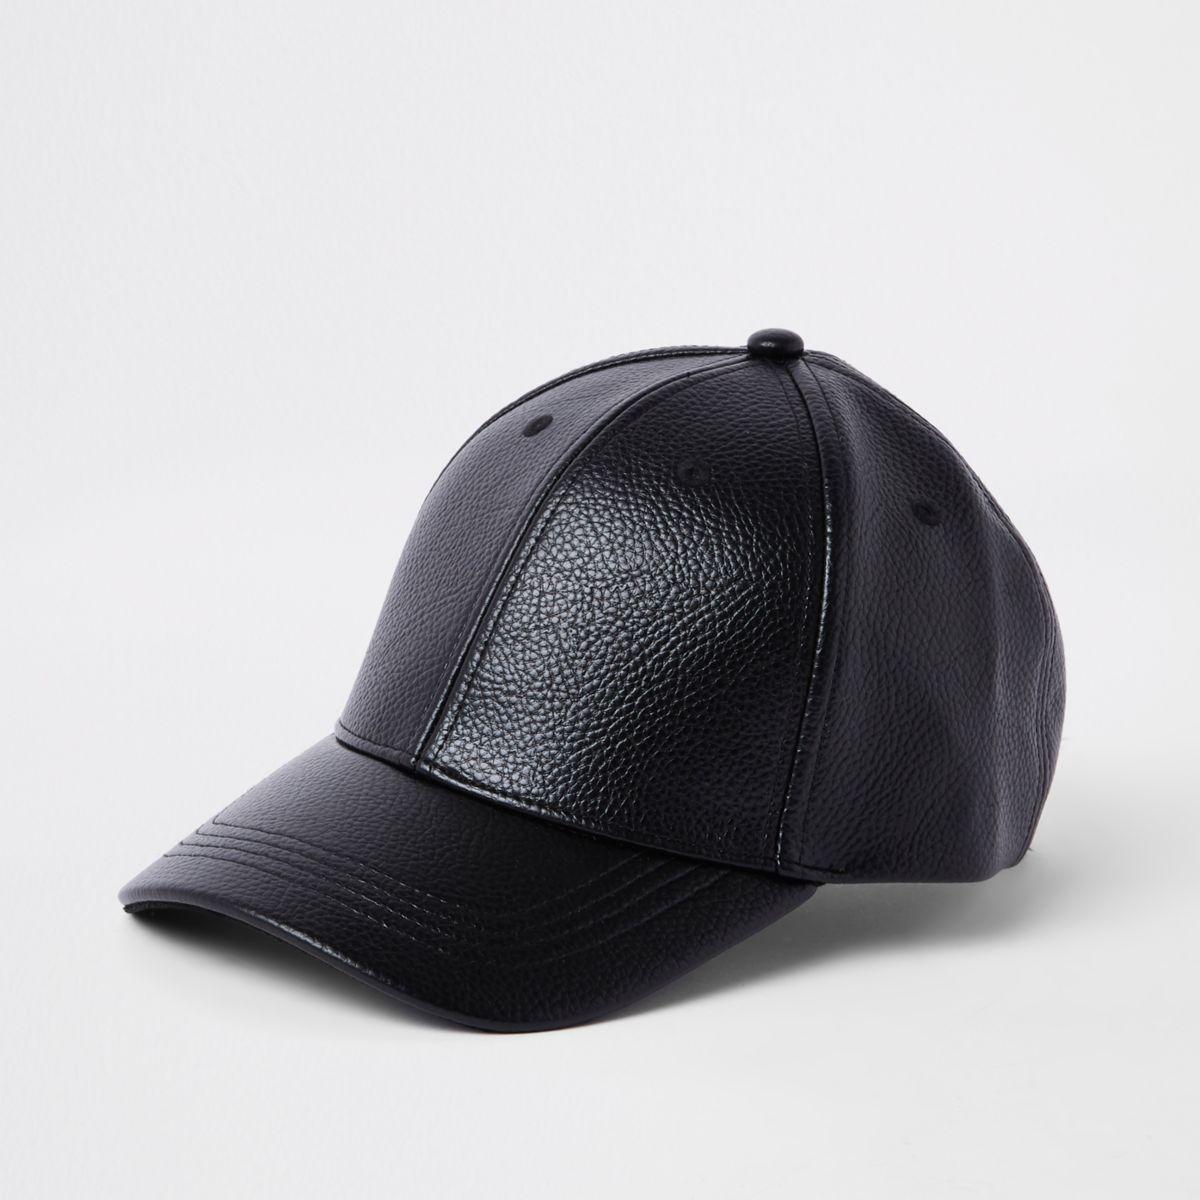 Black faux leather velvet baseball cap